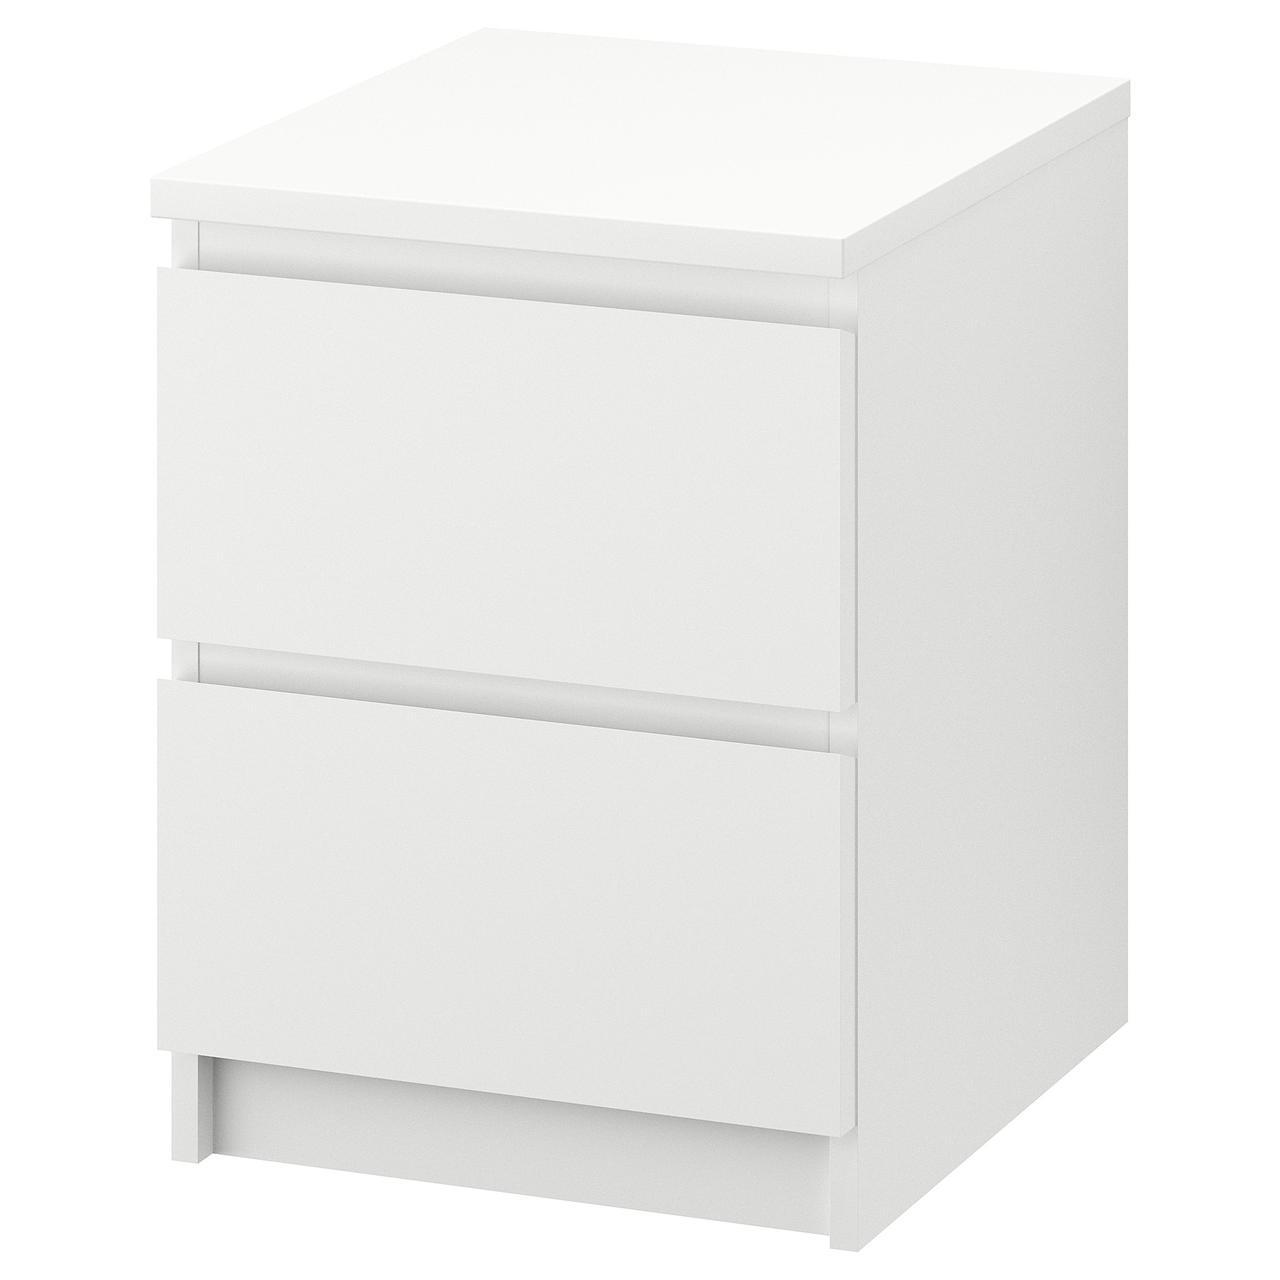 МАЛЬМ Комод с 2 ящиками, белый, 802.145.49